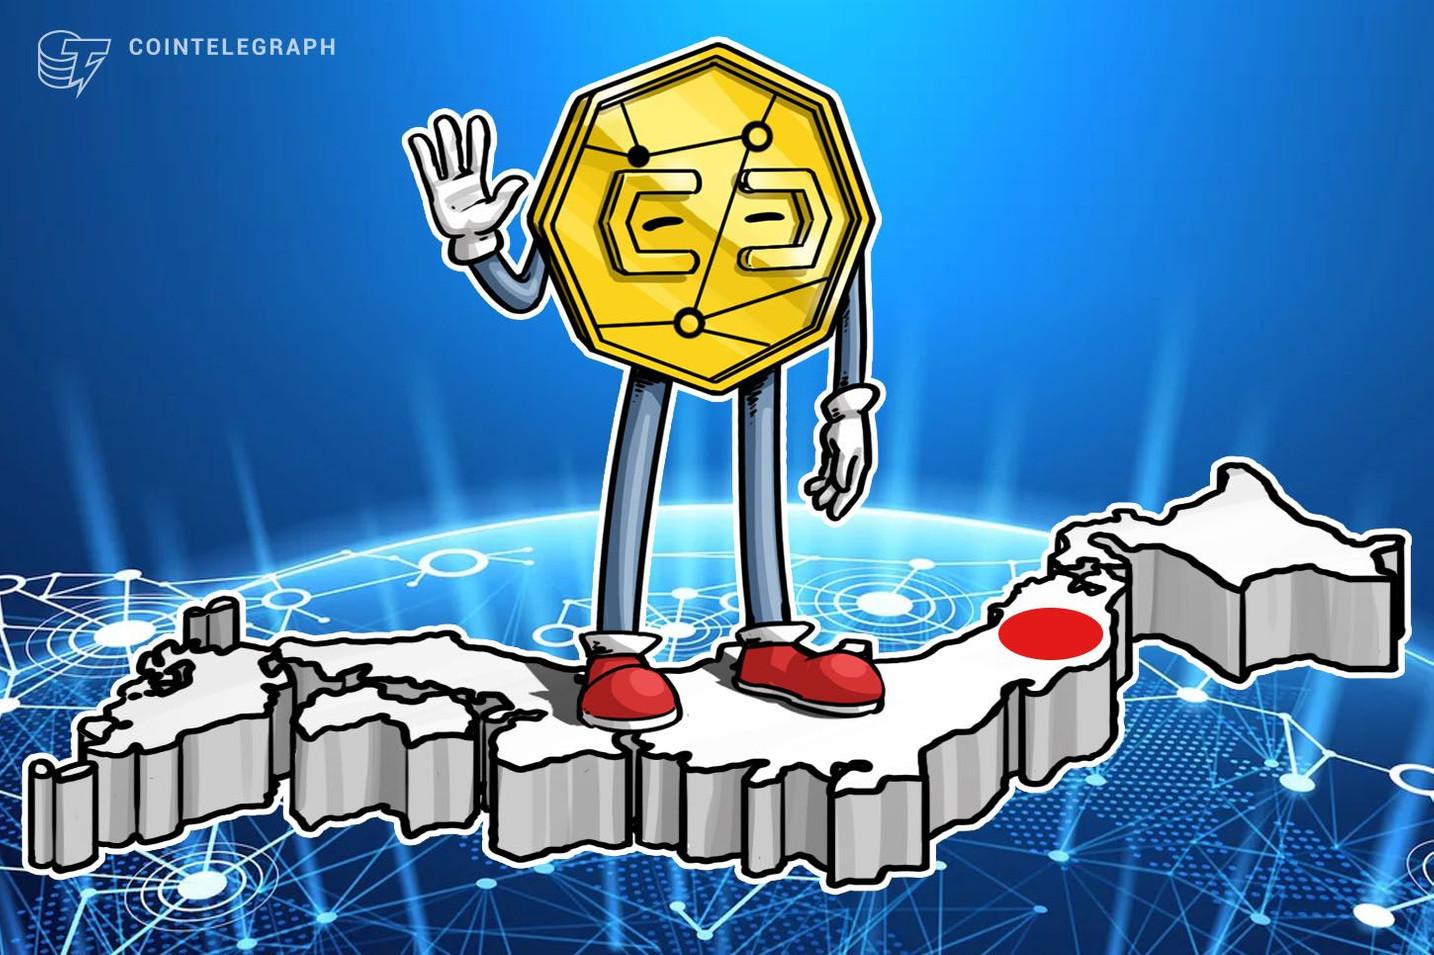 「東京五輪を好機に」、「再び輝きを取り戻す1年に」  国内の仮想通貨・ブロックチェーン業界団体が年頭所感【ニュース】